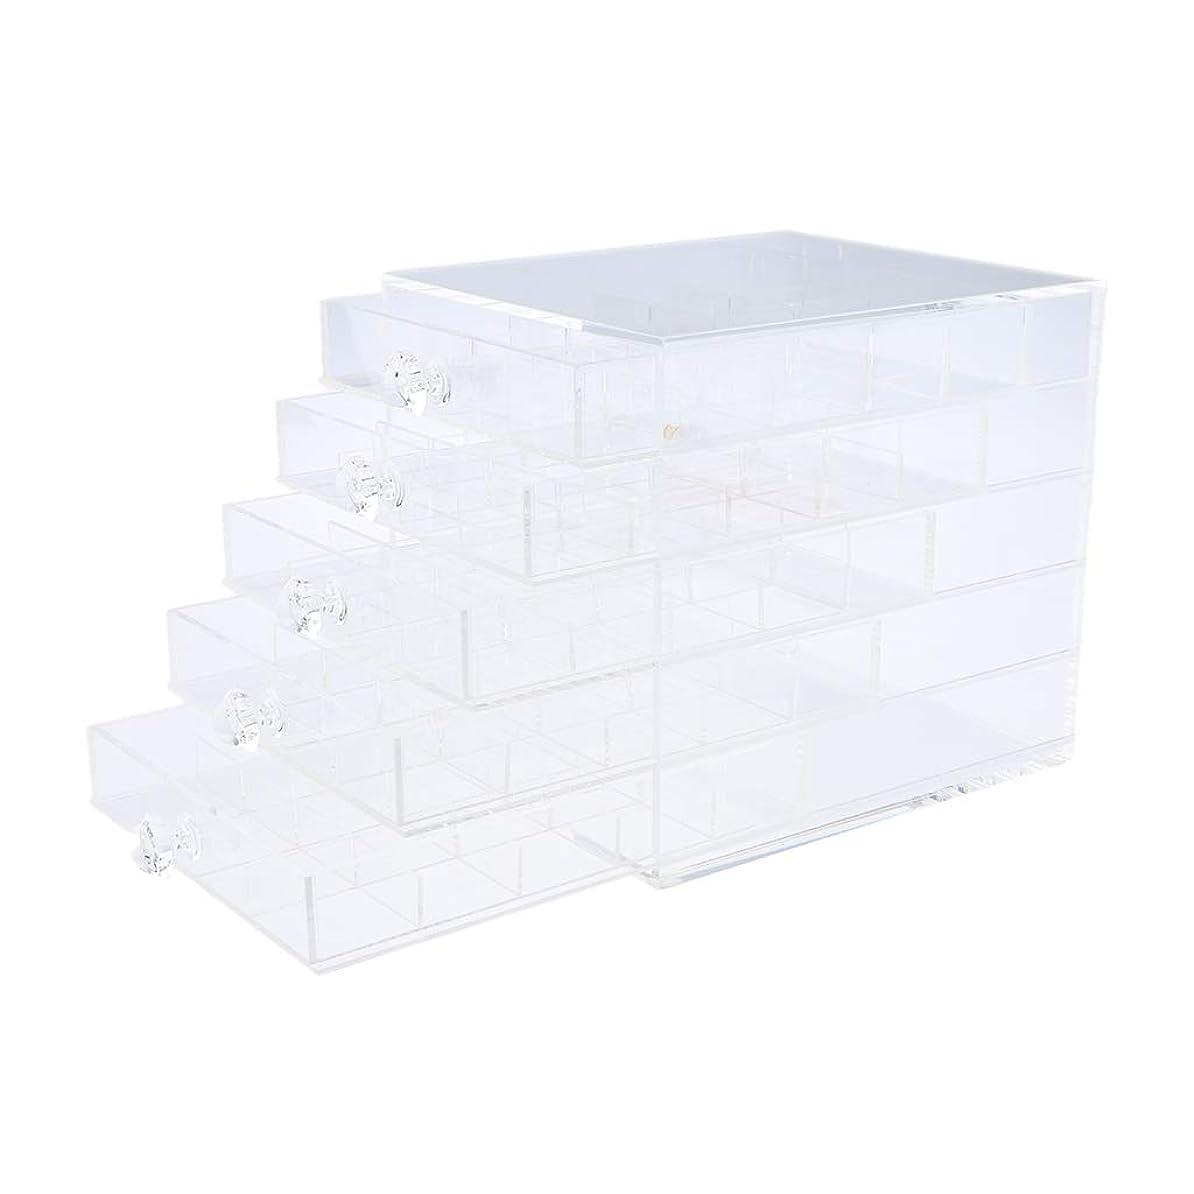 インキュバスカスケード常識SM SunniMix ネイル収納ボックス 化粧品収納 ネイルアート 引き出し ジュエリーコンテナ アクリル 耐久性